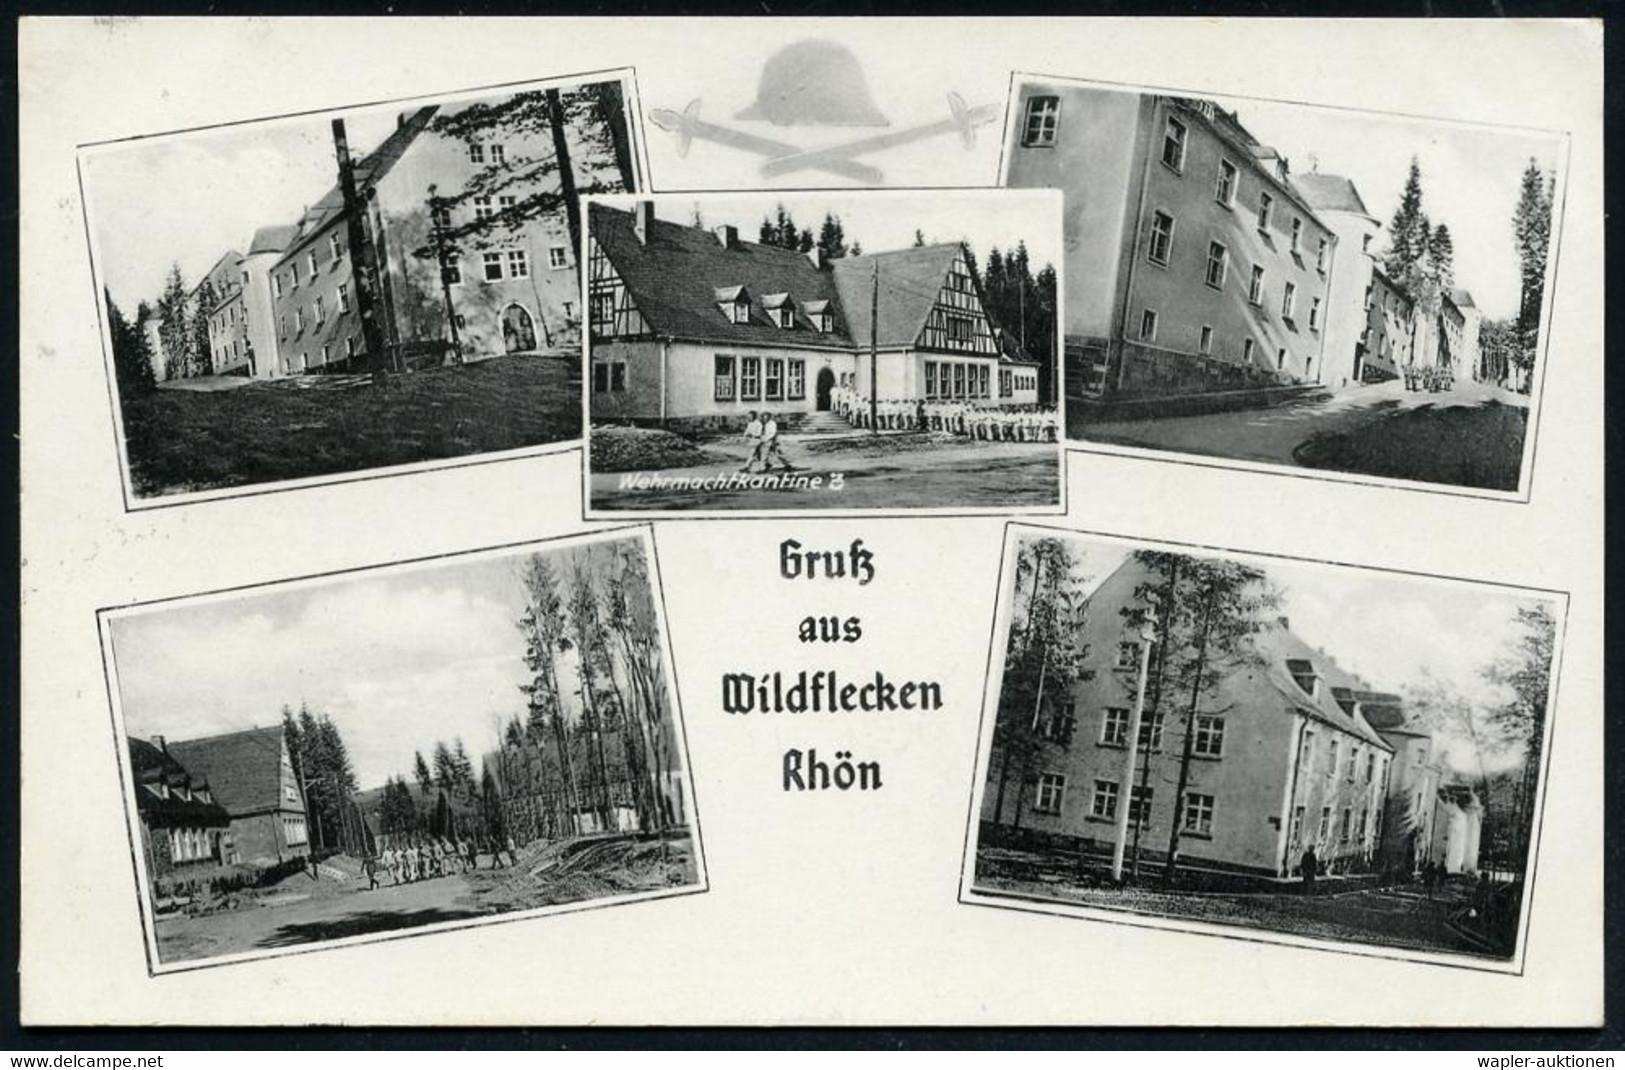 Wildflecken 1940 (14.1.) 1K: FELDPOST/b/--- Auf S/w.-Foto-Ak.: Gruß Aus Wildflecken Rhön Mit 5 Detailansichten Truppenüb - 1939-45